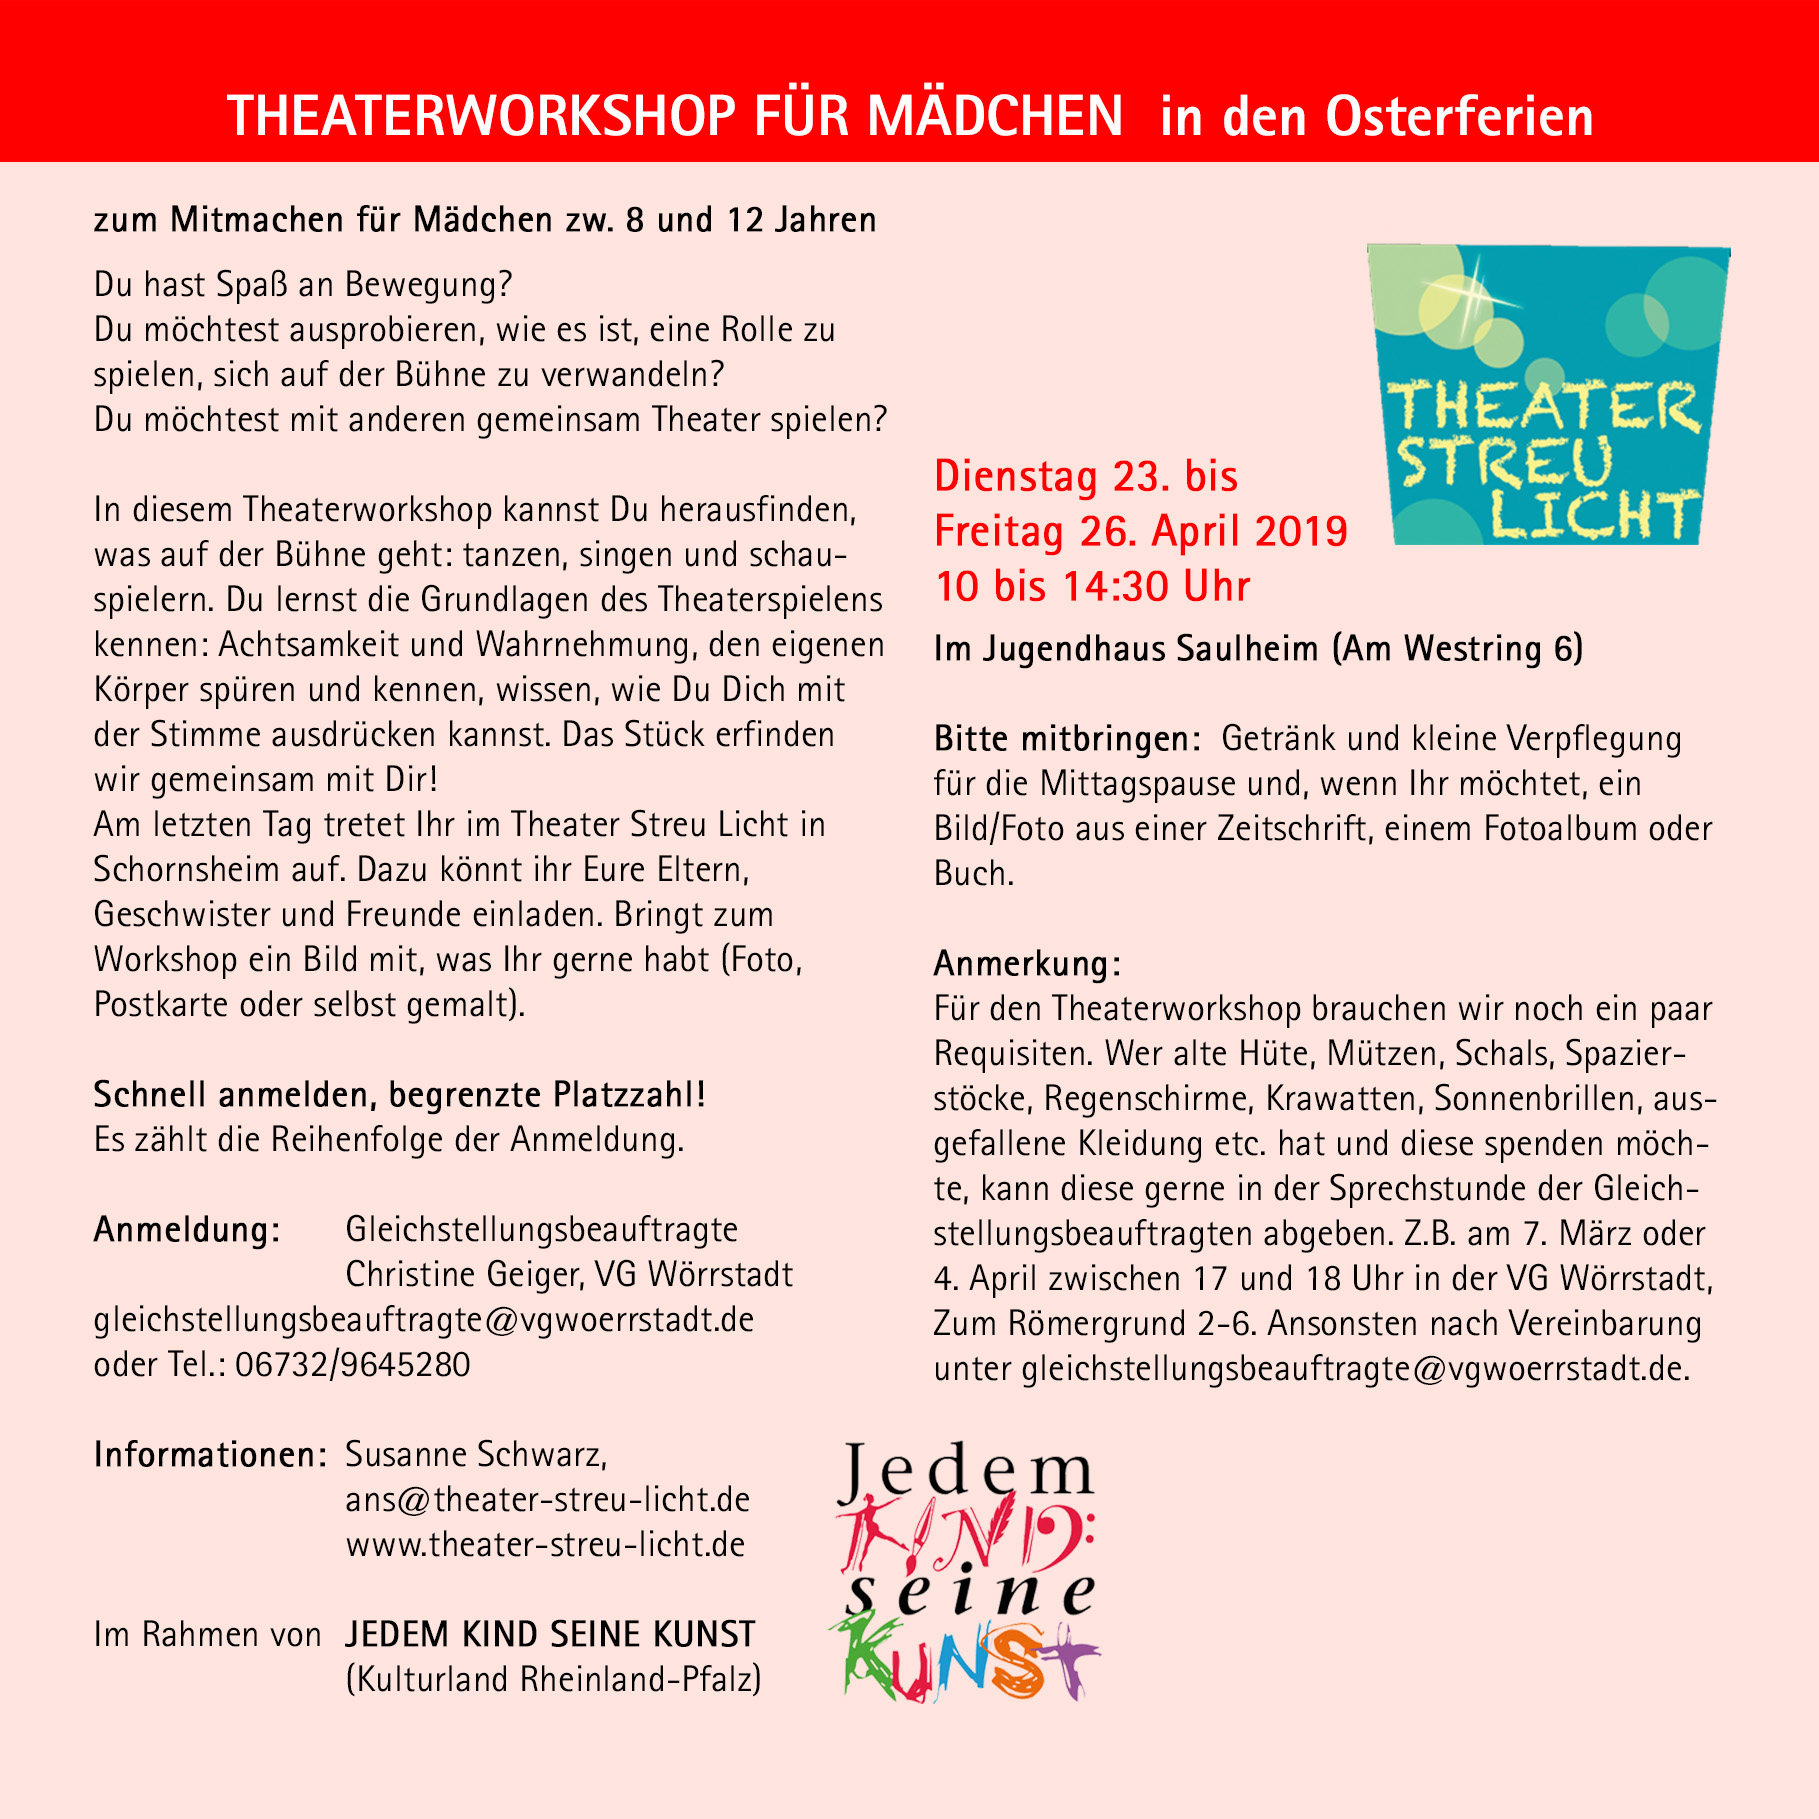 Theaterworkshop für Mädchen in den Osterferien @ Jugendhaus